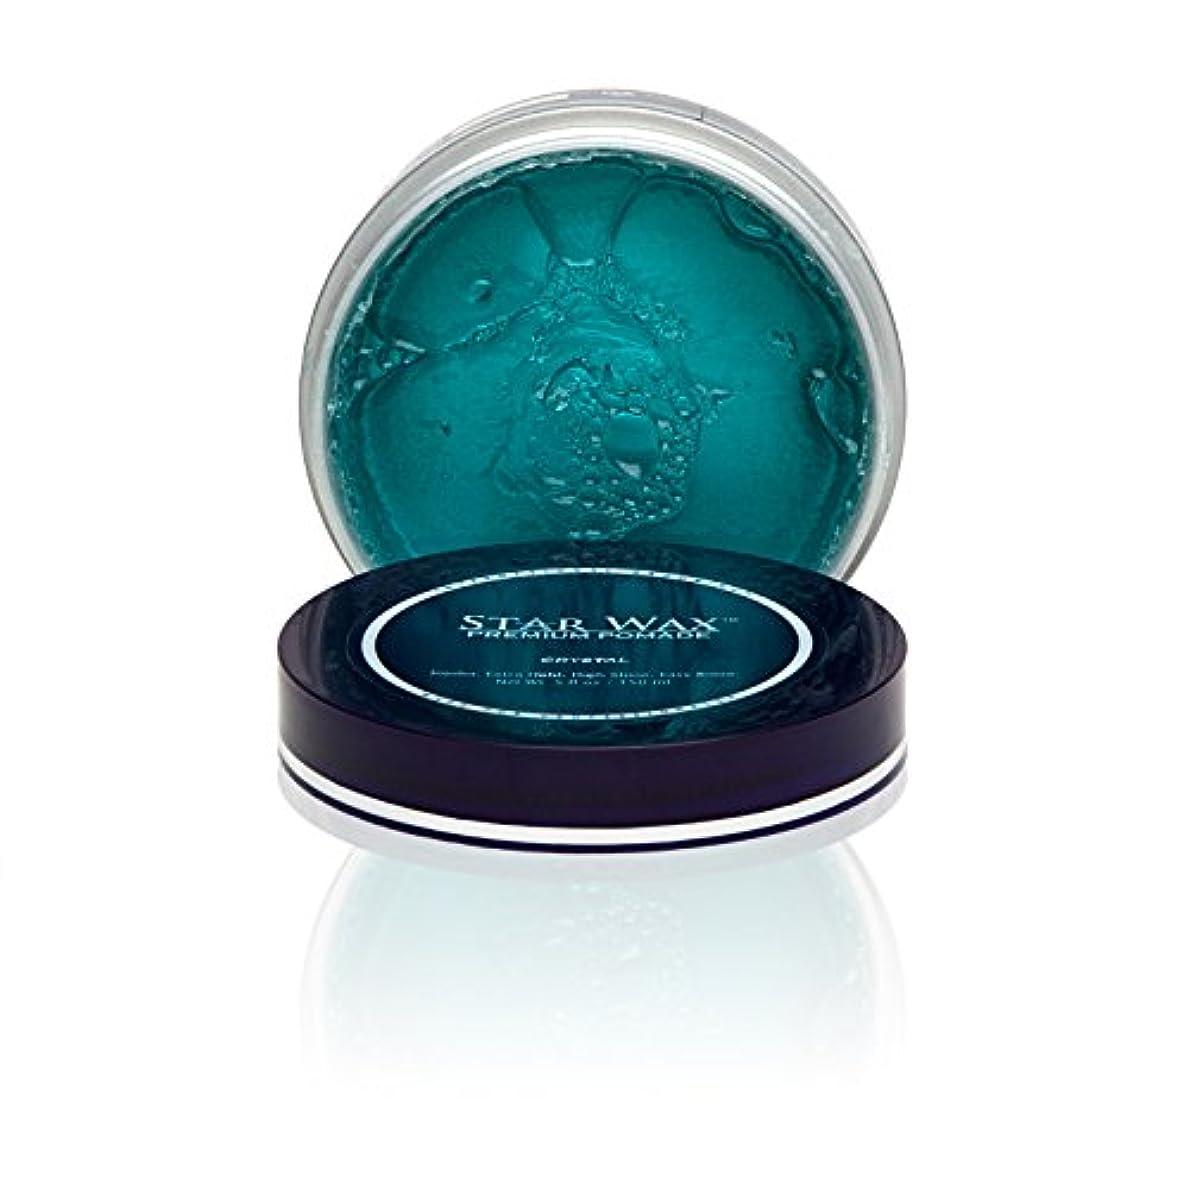 ラップマスク追い越すStar Wax   Premium Pomade, Crystal(スターワックスプレミアム ポマード「クリスタル」)?Star Pro Line(スタープロライン)製?5(液量)オンス/150ml